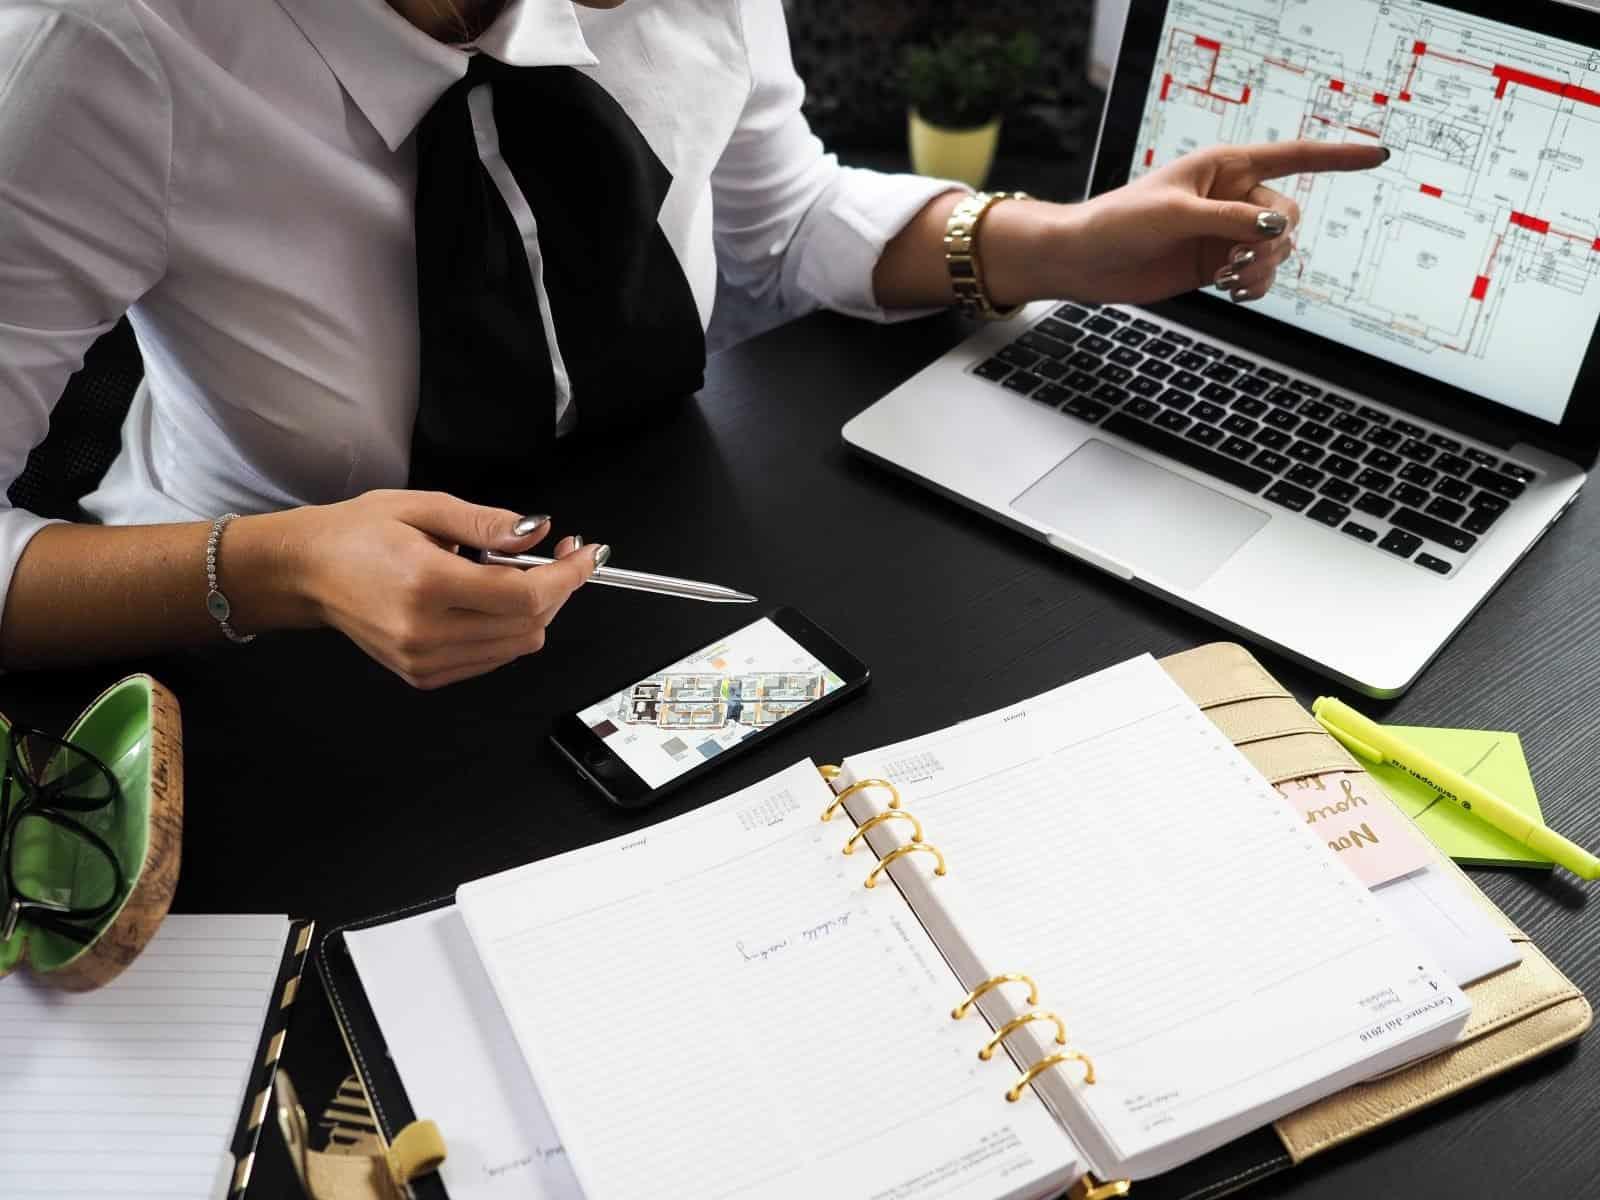 איש במשרד עם מחשב נייד עובר על מסמכים וגרפים